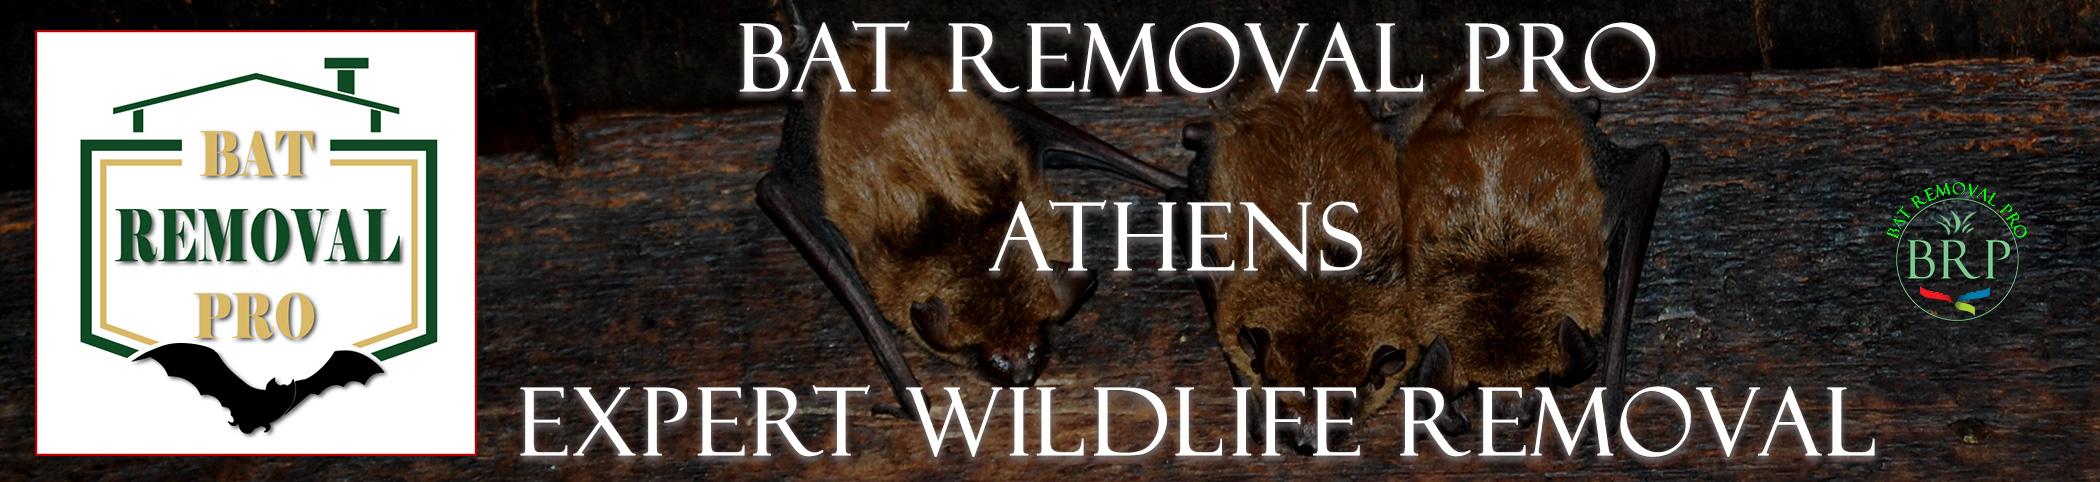 athens-bat-removal-at-bat-removal-pro-header-image